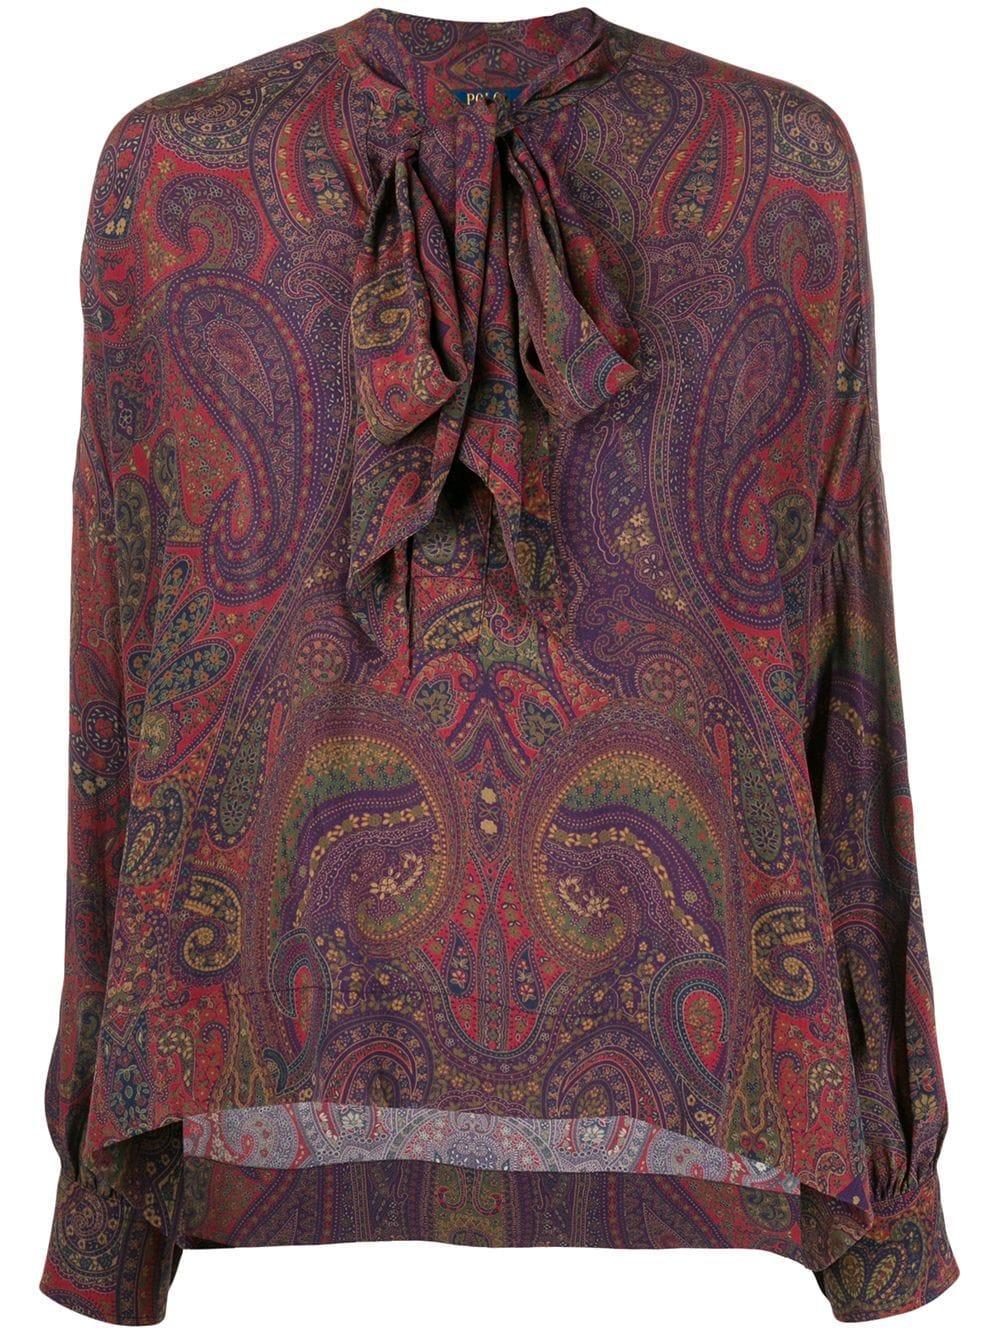 L/S Paisley Print Blouse W/Neck Tie Item # 211765242002